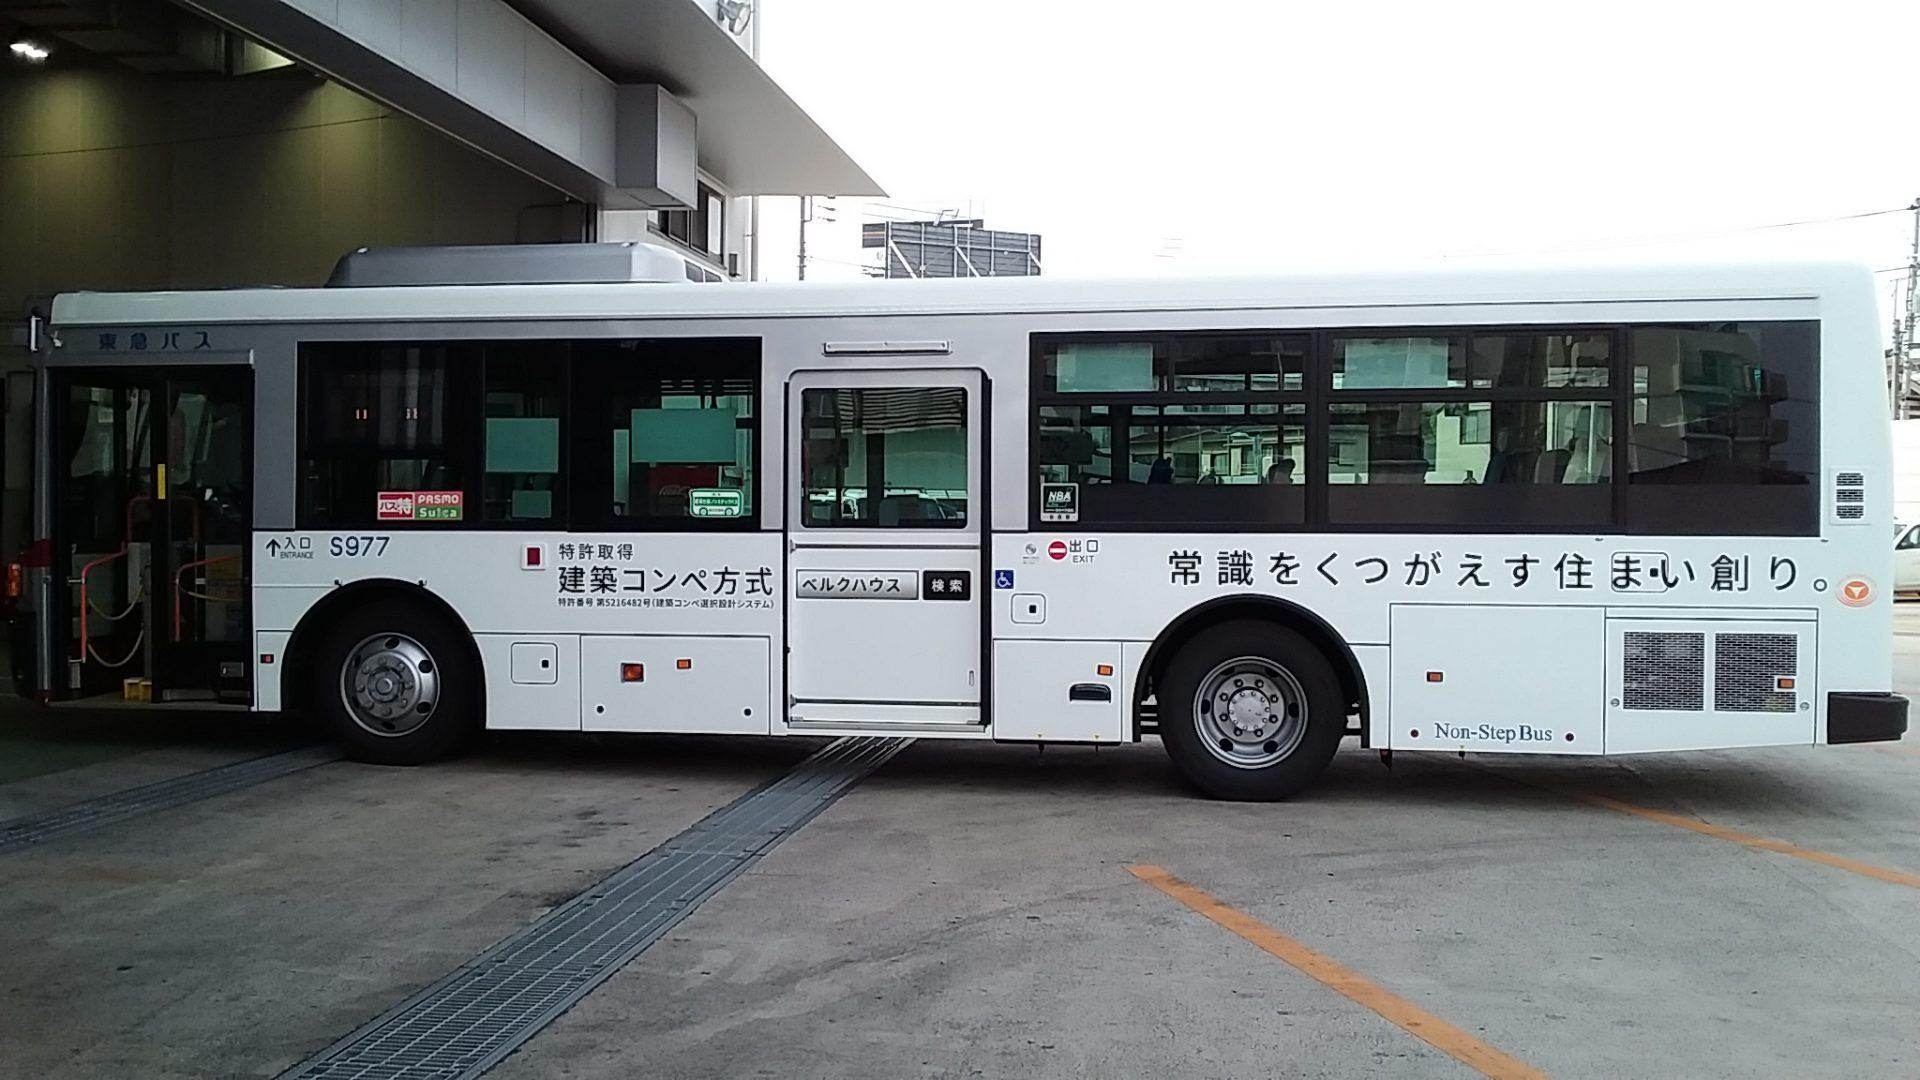 ラッピングバス運行開始しました...